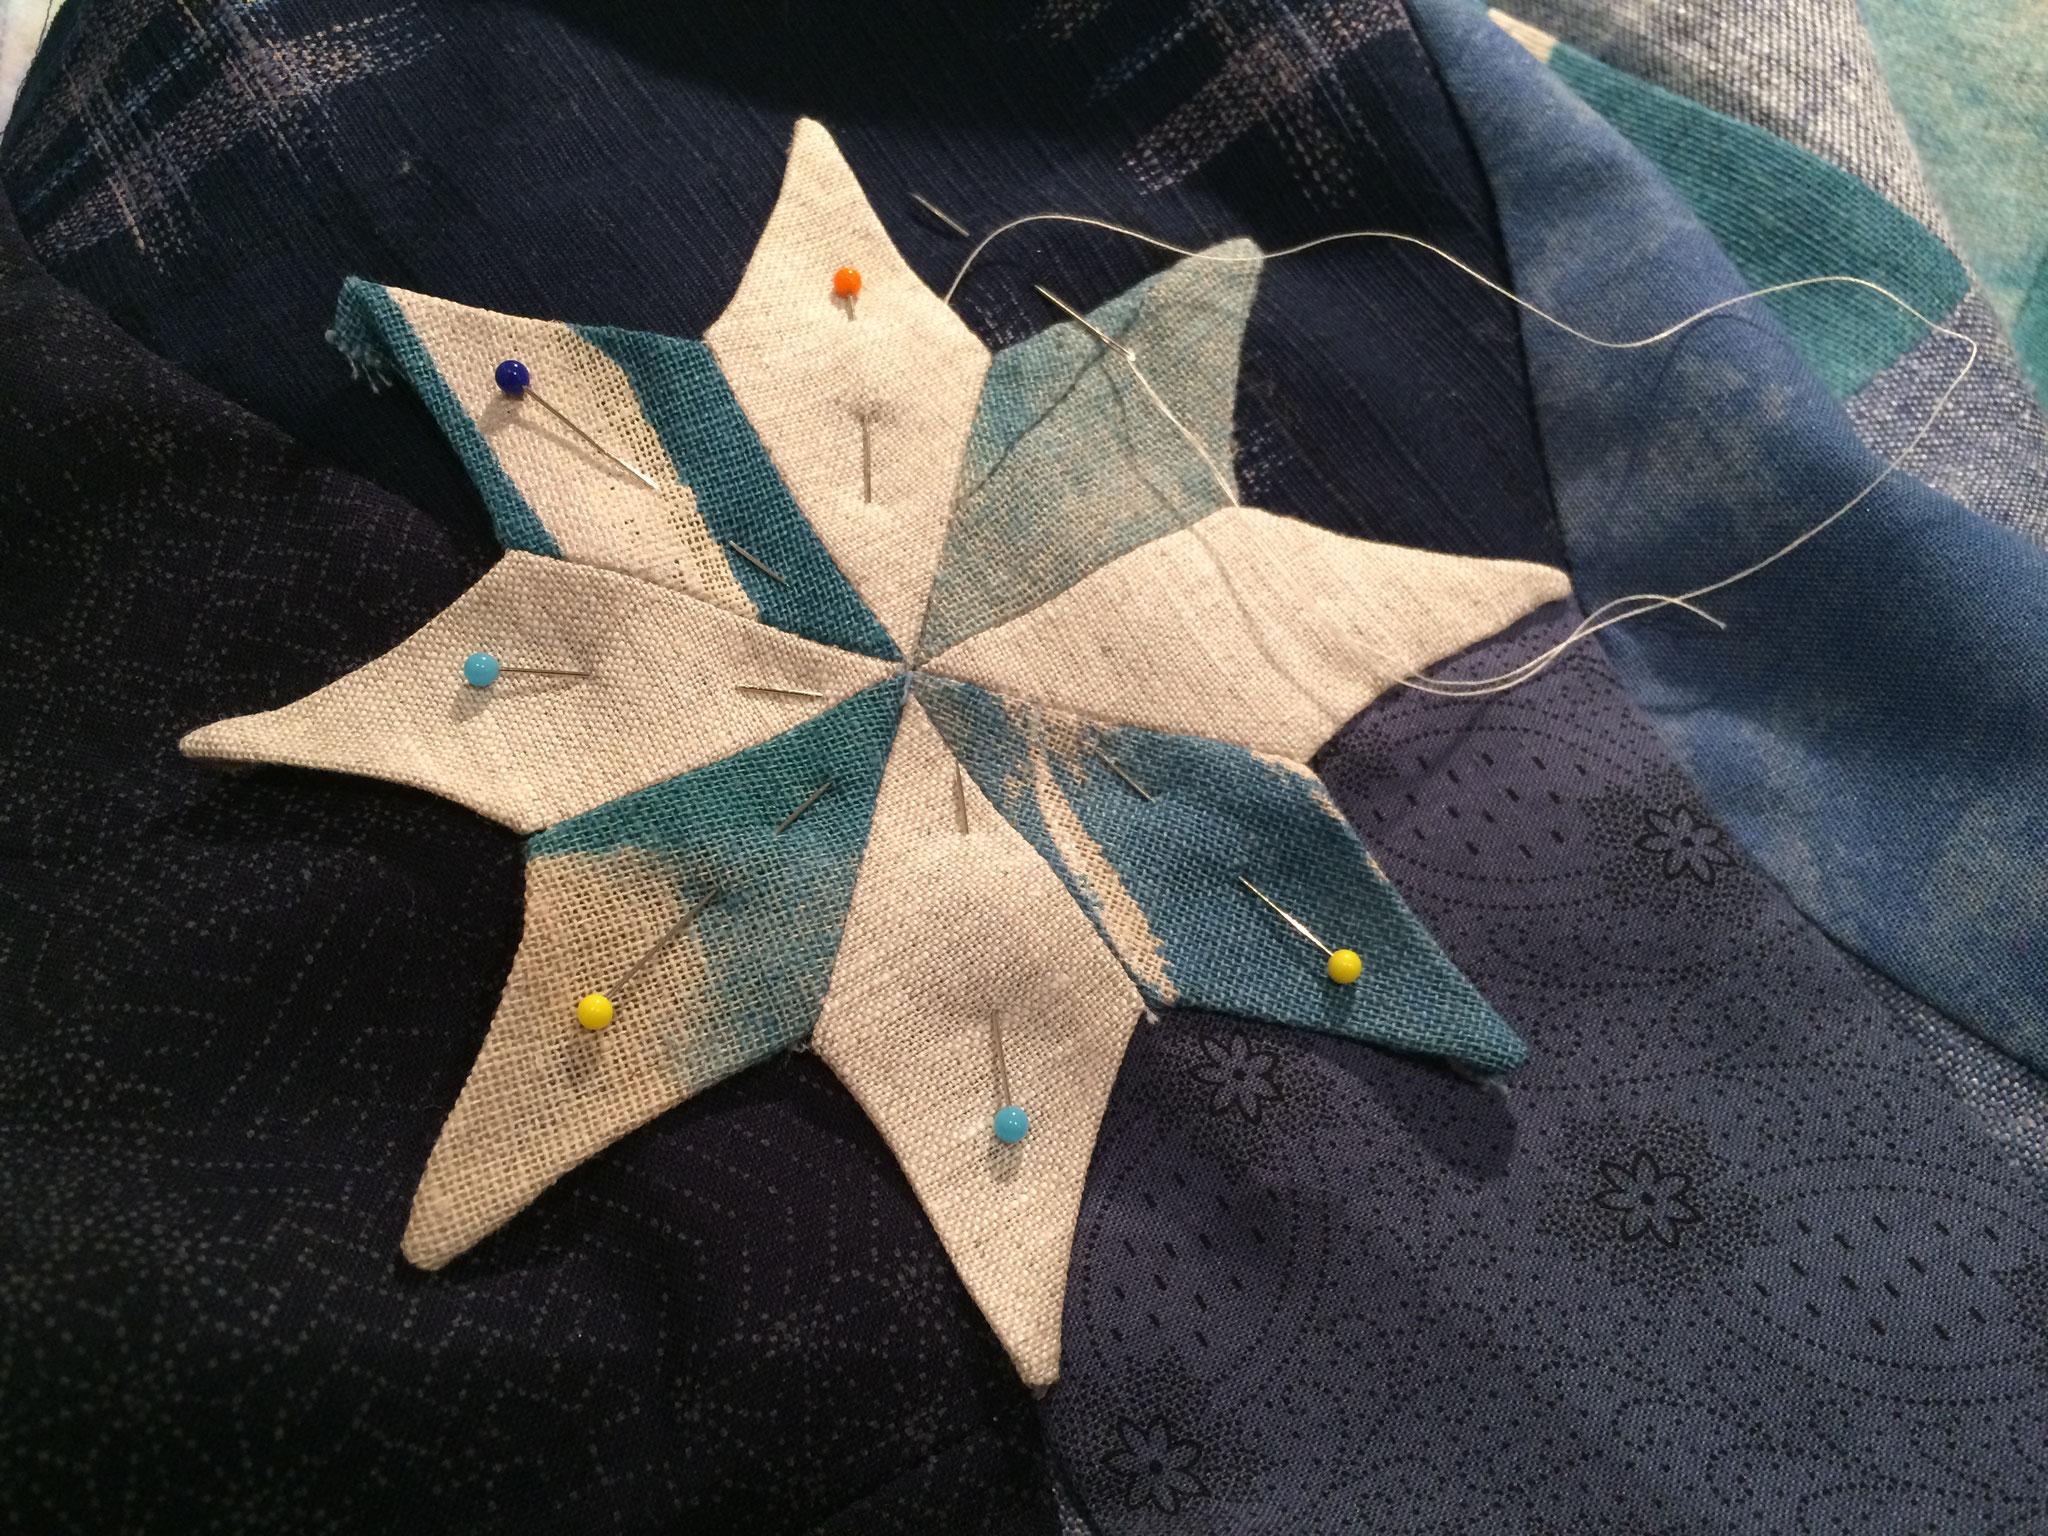 Appliqué de l'étoile à la main. Tissu imposé.